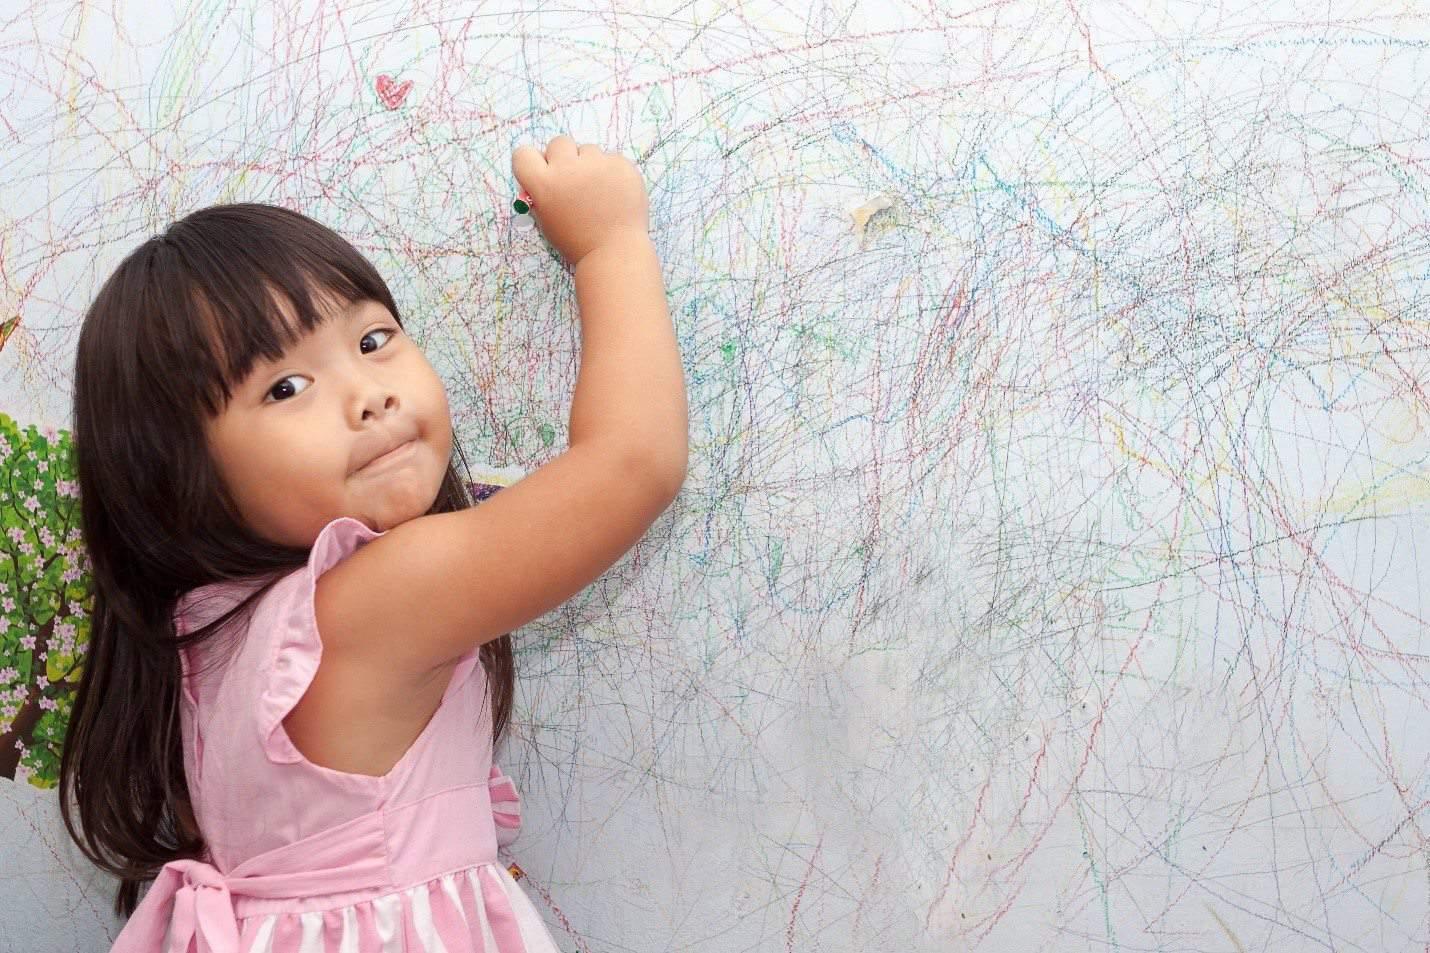 îndepărtarea urmelor de creion de pe pereți